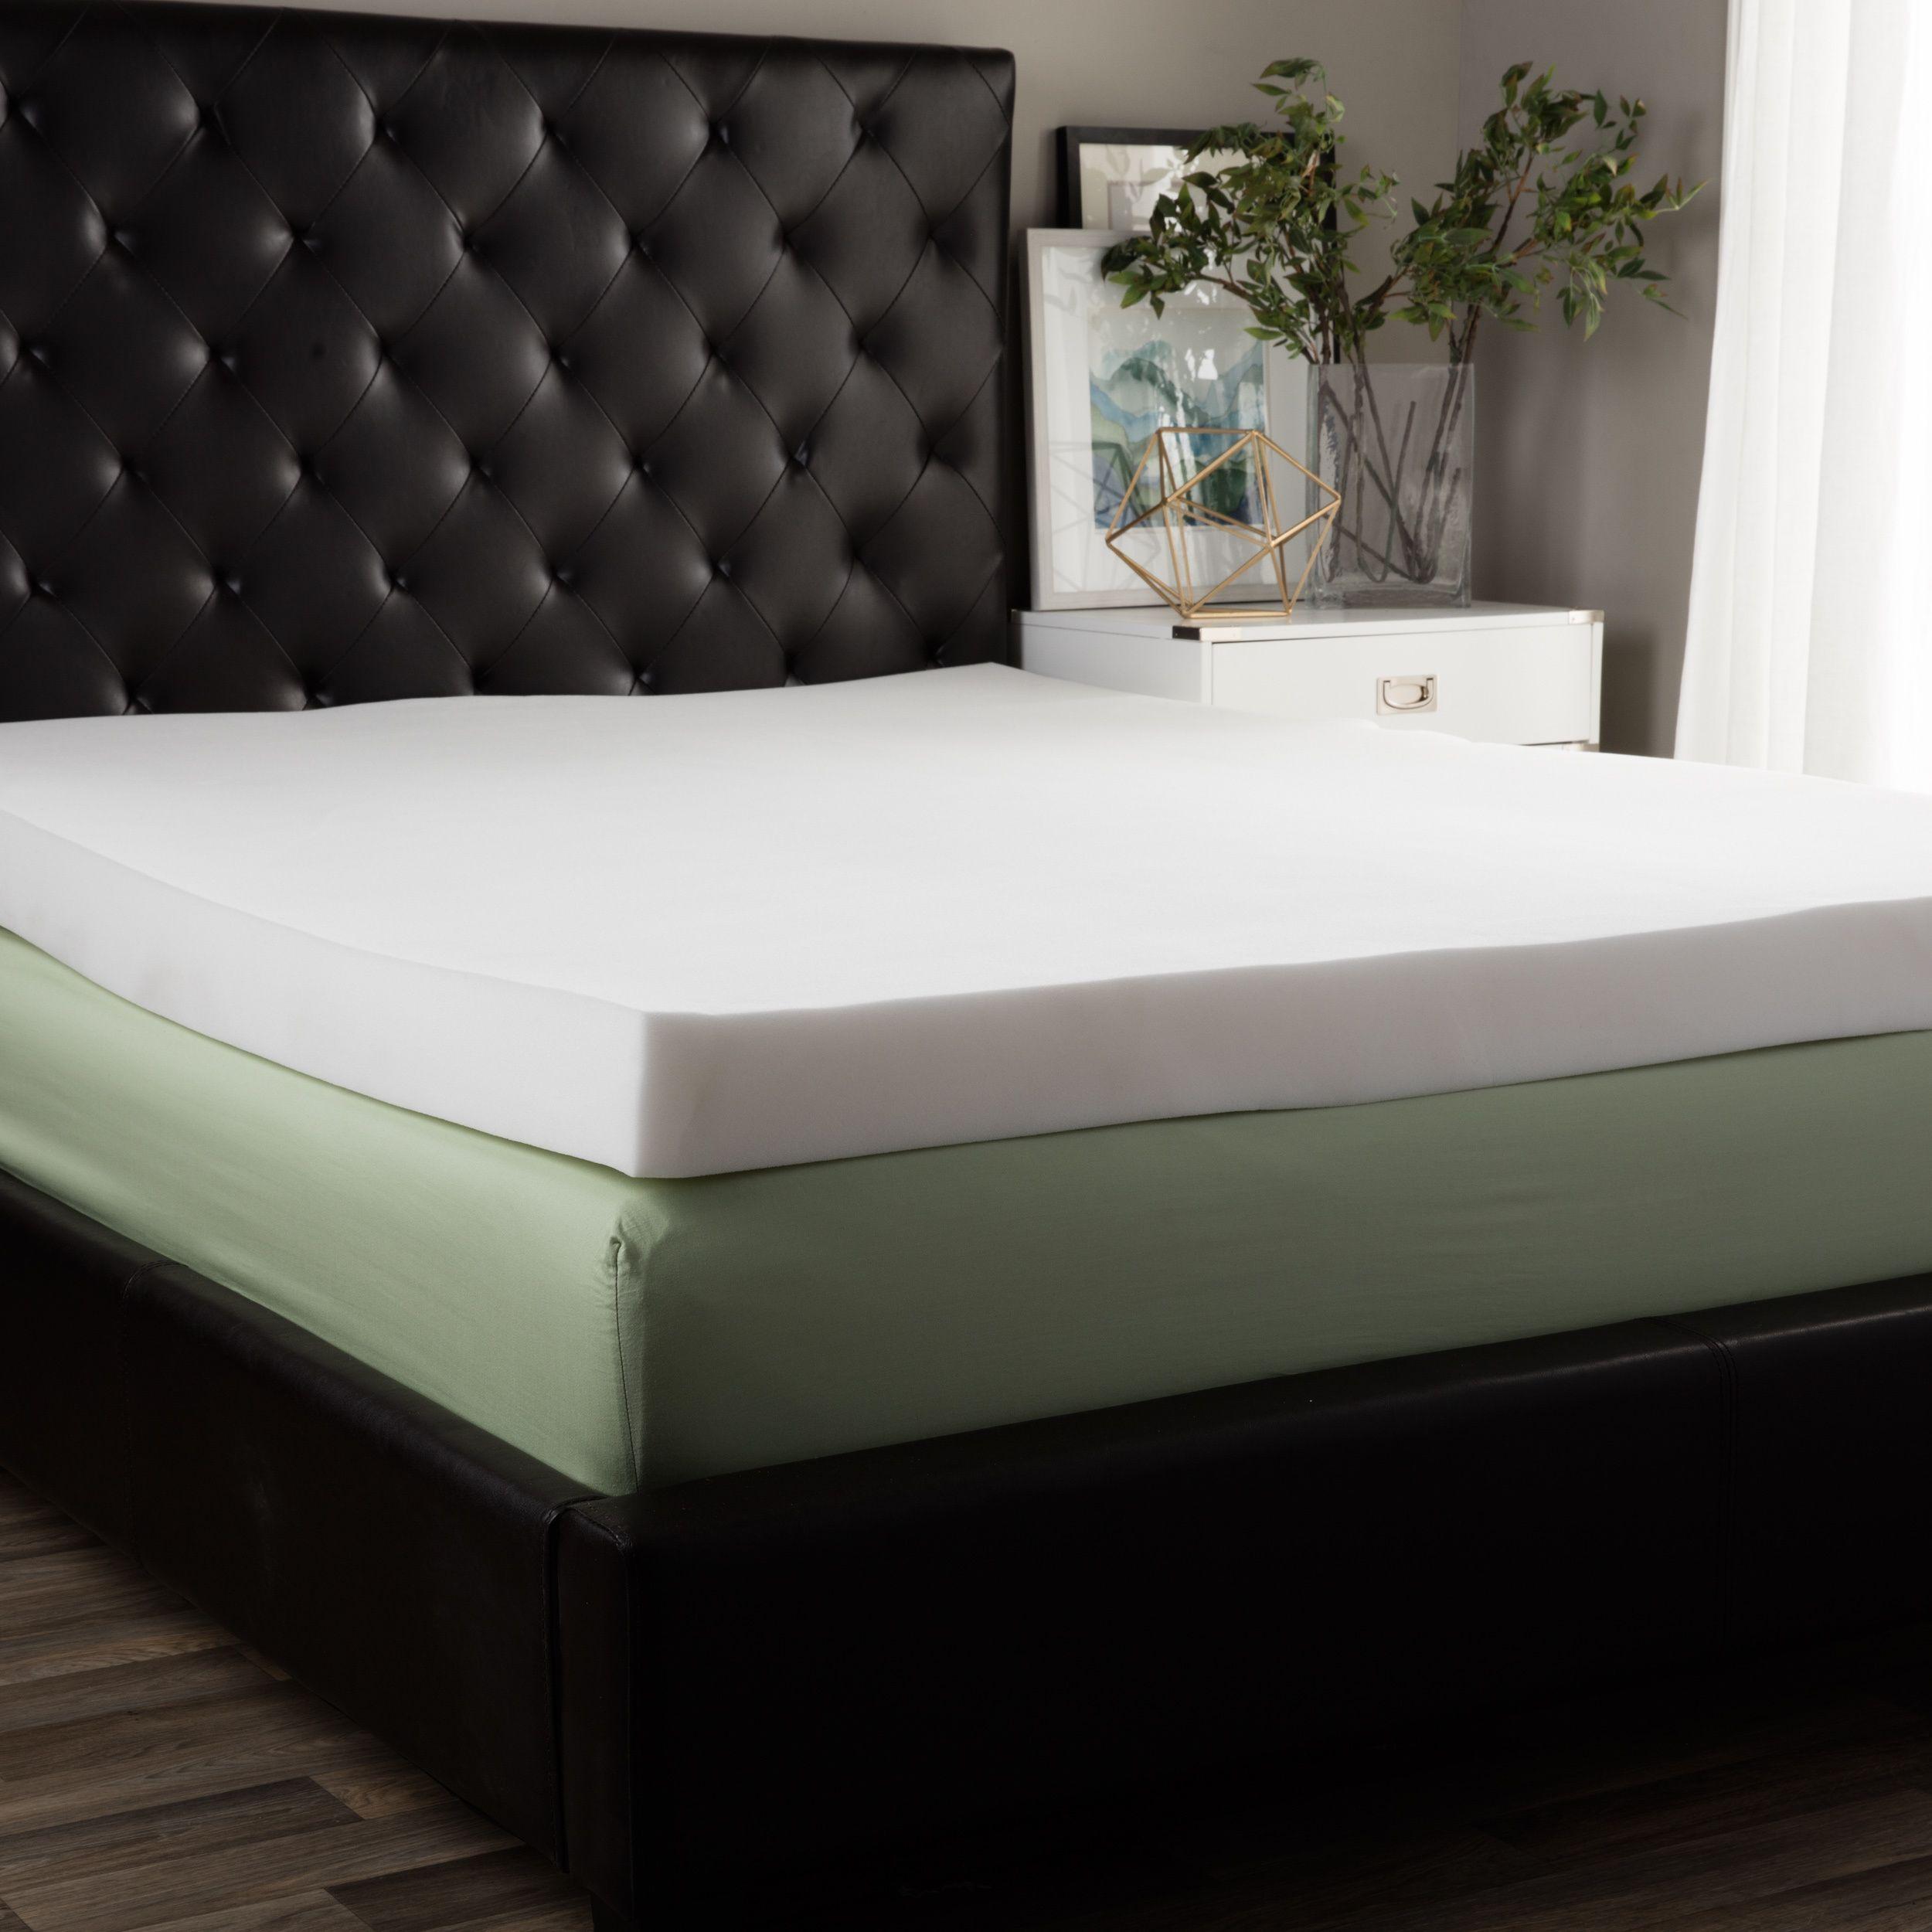 macy s home design mattress pad find macy u0027s department store near you macy u0027s